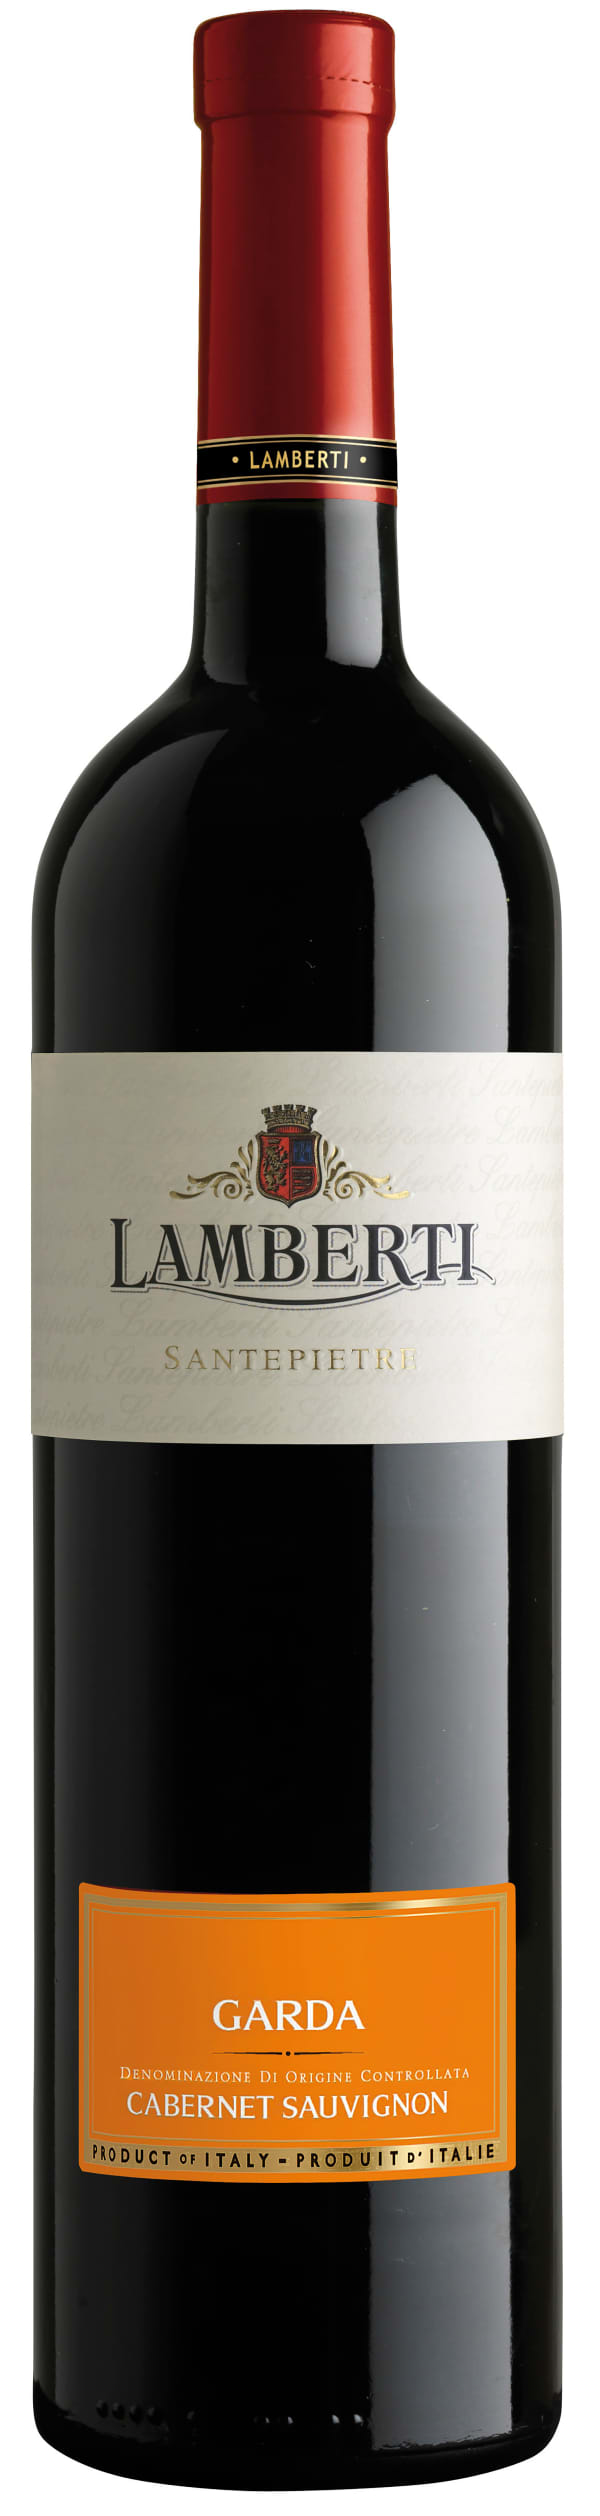 Lamberti Cabernet Sauvignon 2016